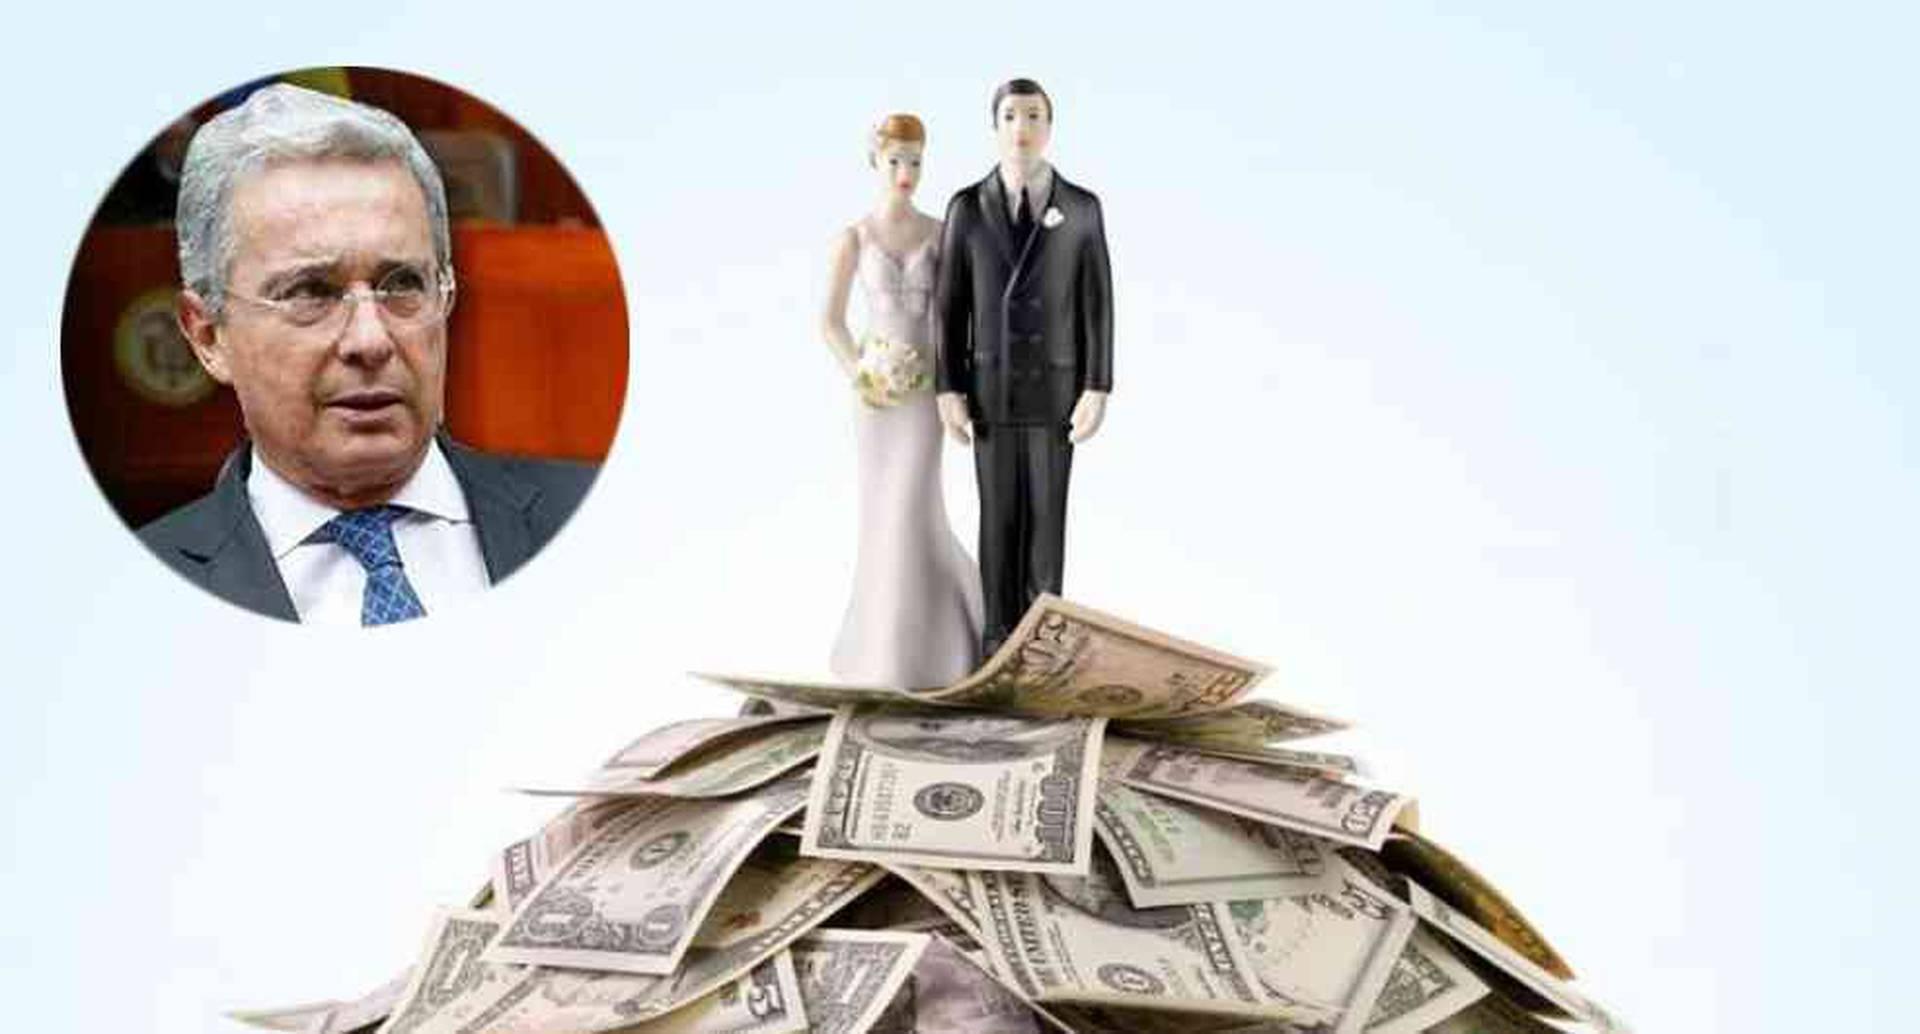 El proyecto también contempla a las parejas en estado de unión marital de hecho.